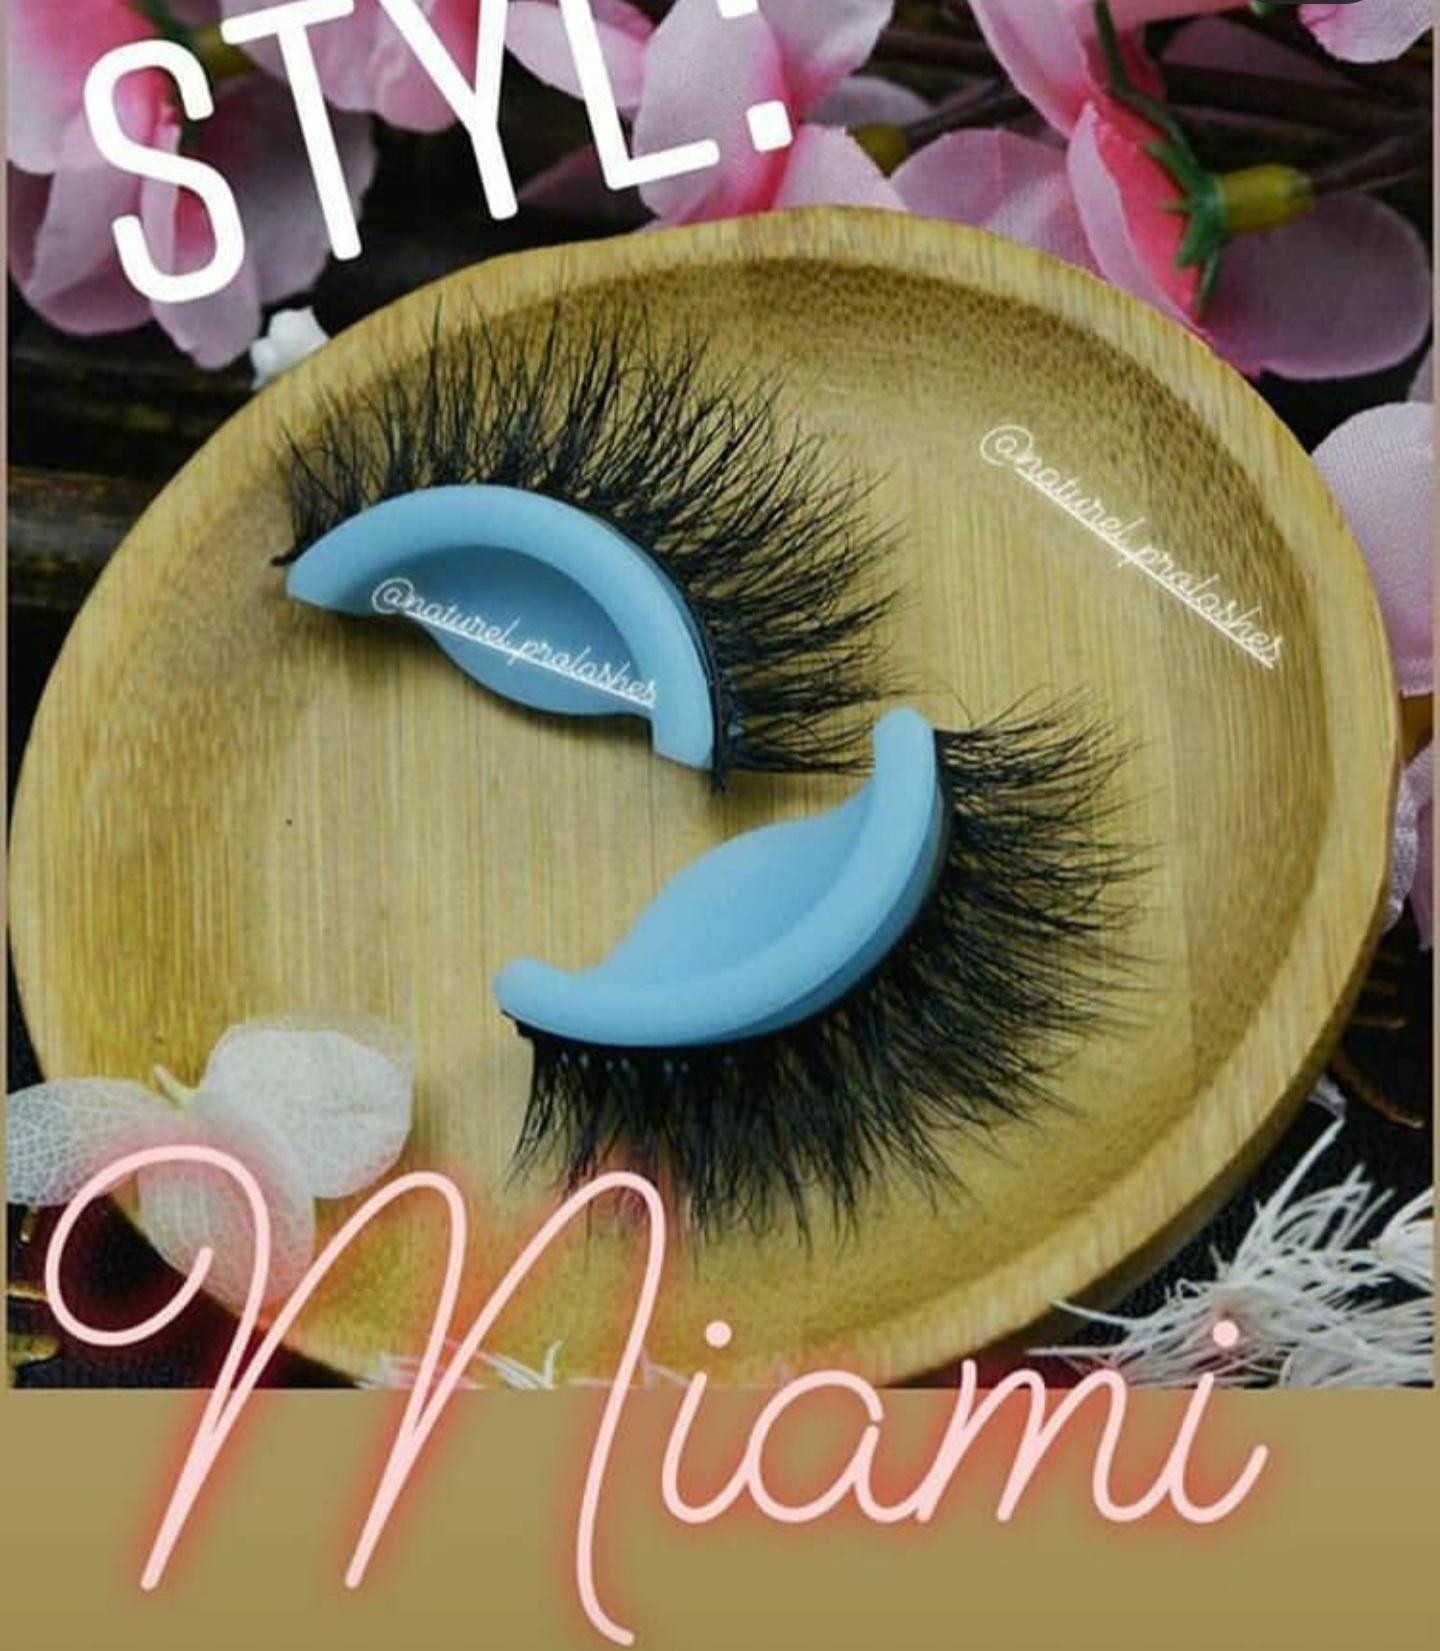 style: miami